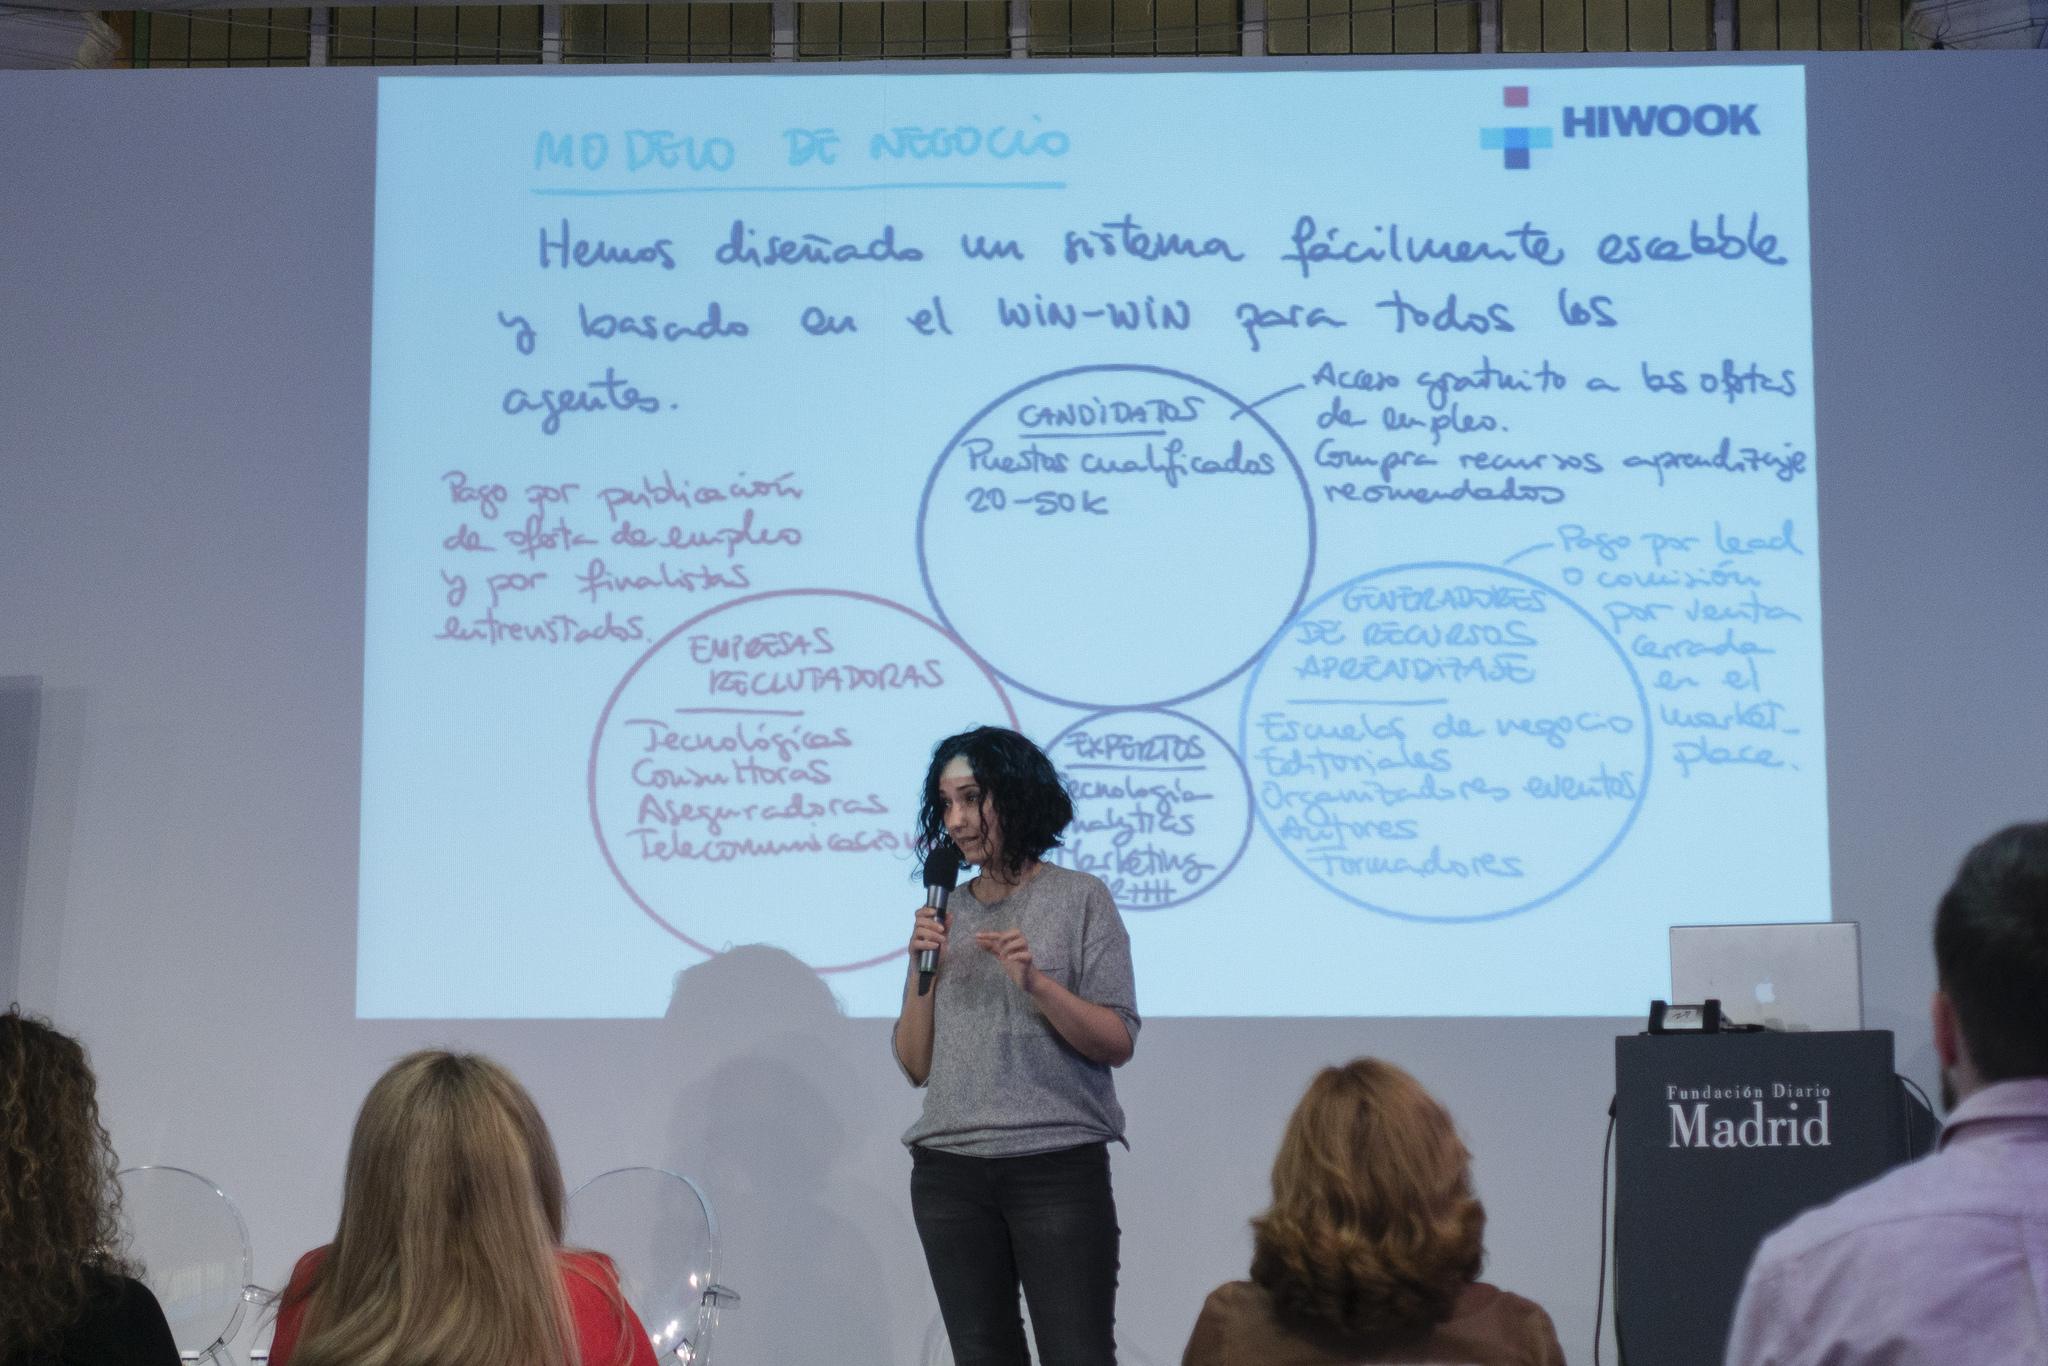 María Gutiérrez presentando Hiwook